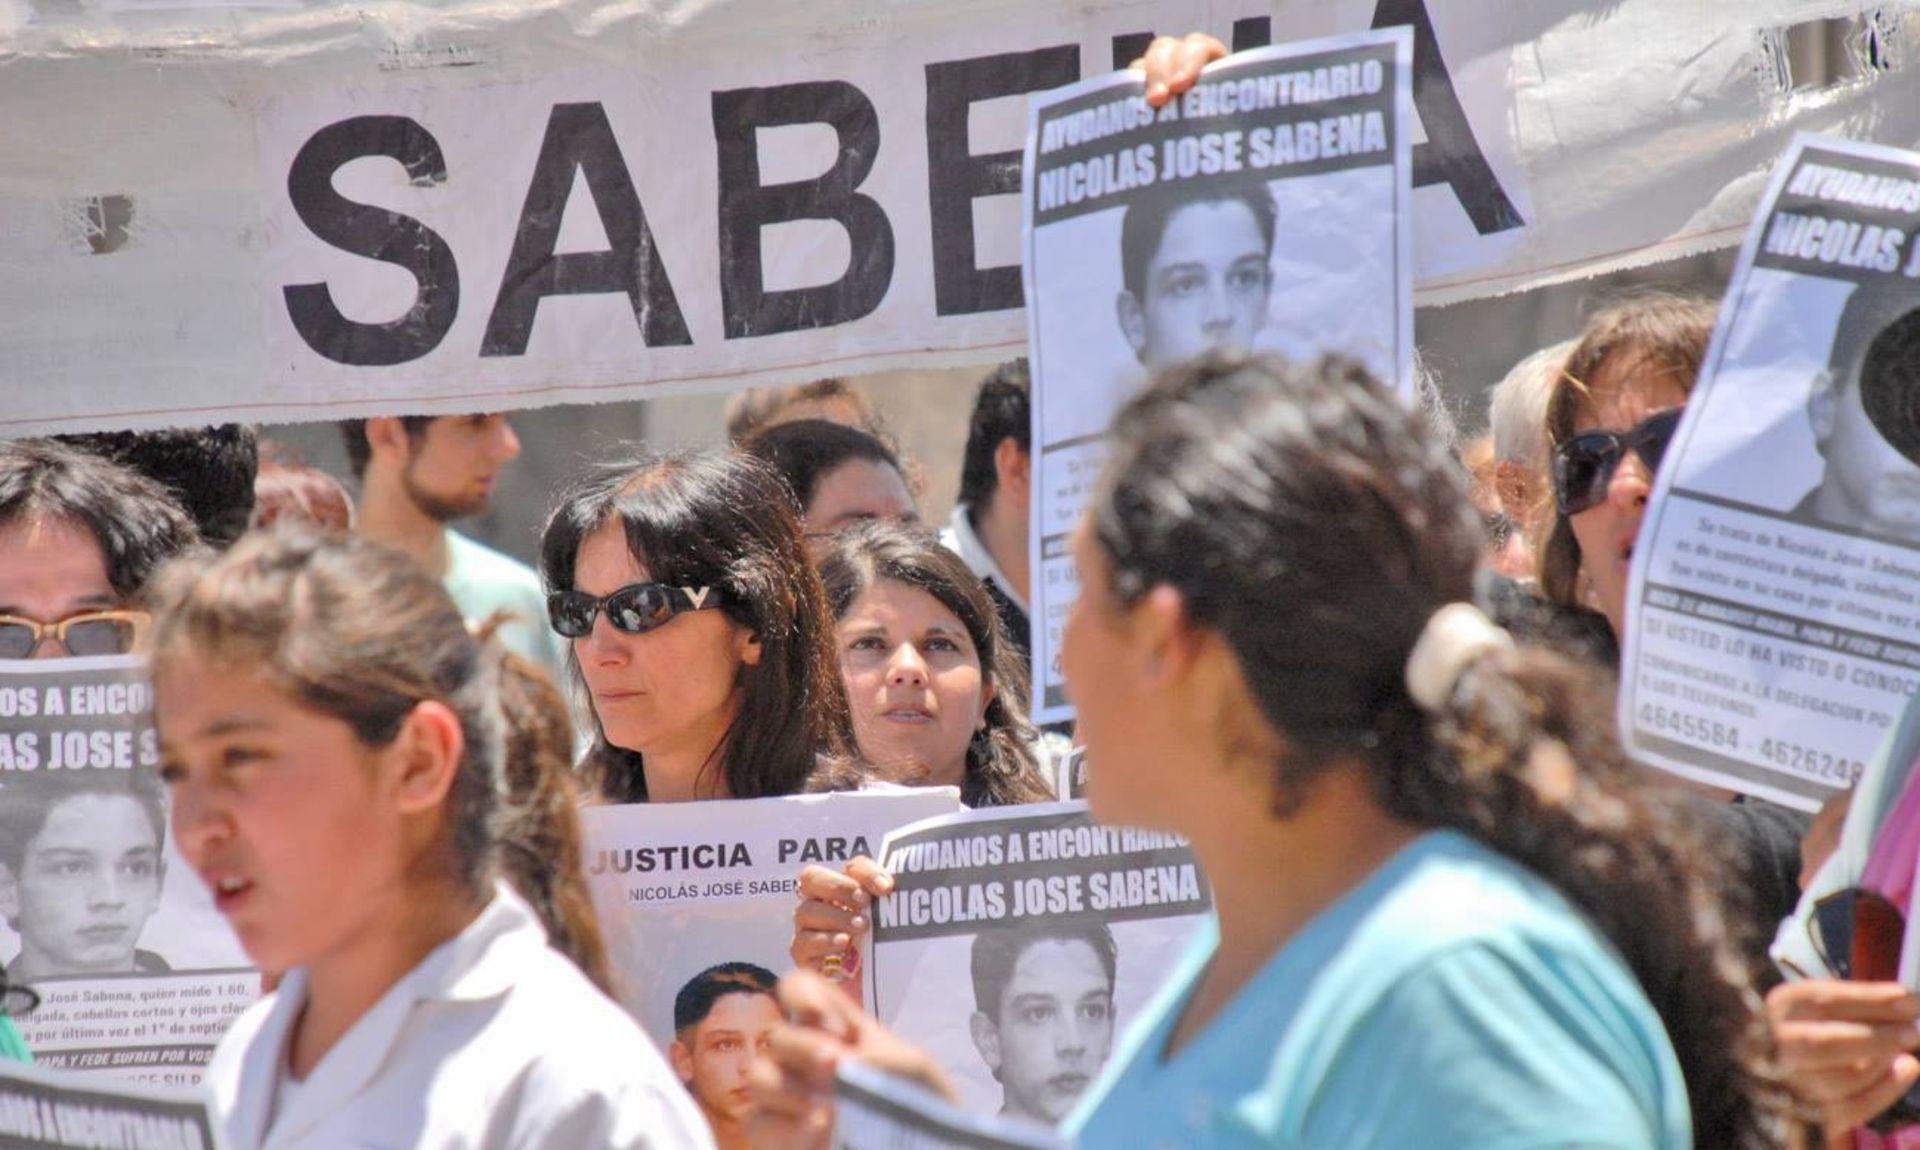 Rosa encabezando una de las tantas marchas que se hicieron en Río Cuarto reclamando justicia por la desaparición de Nicolás.